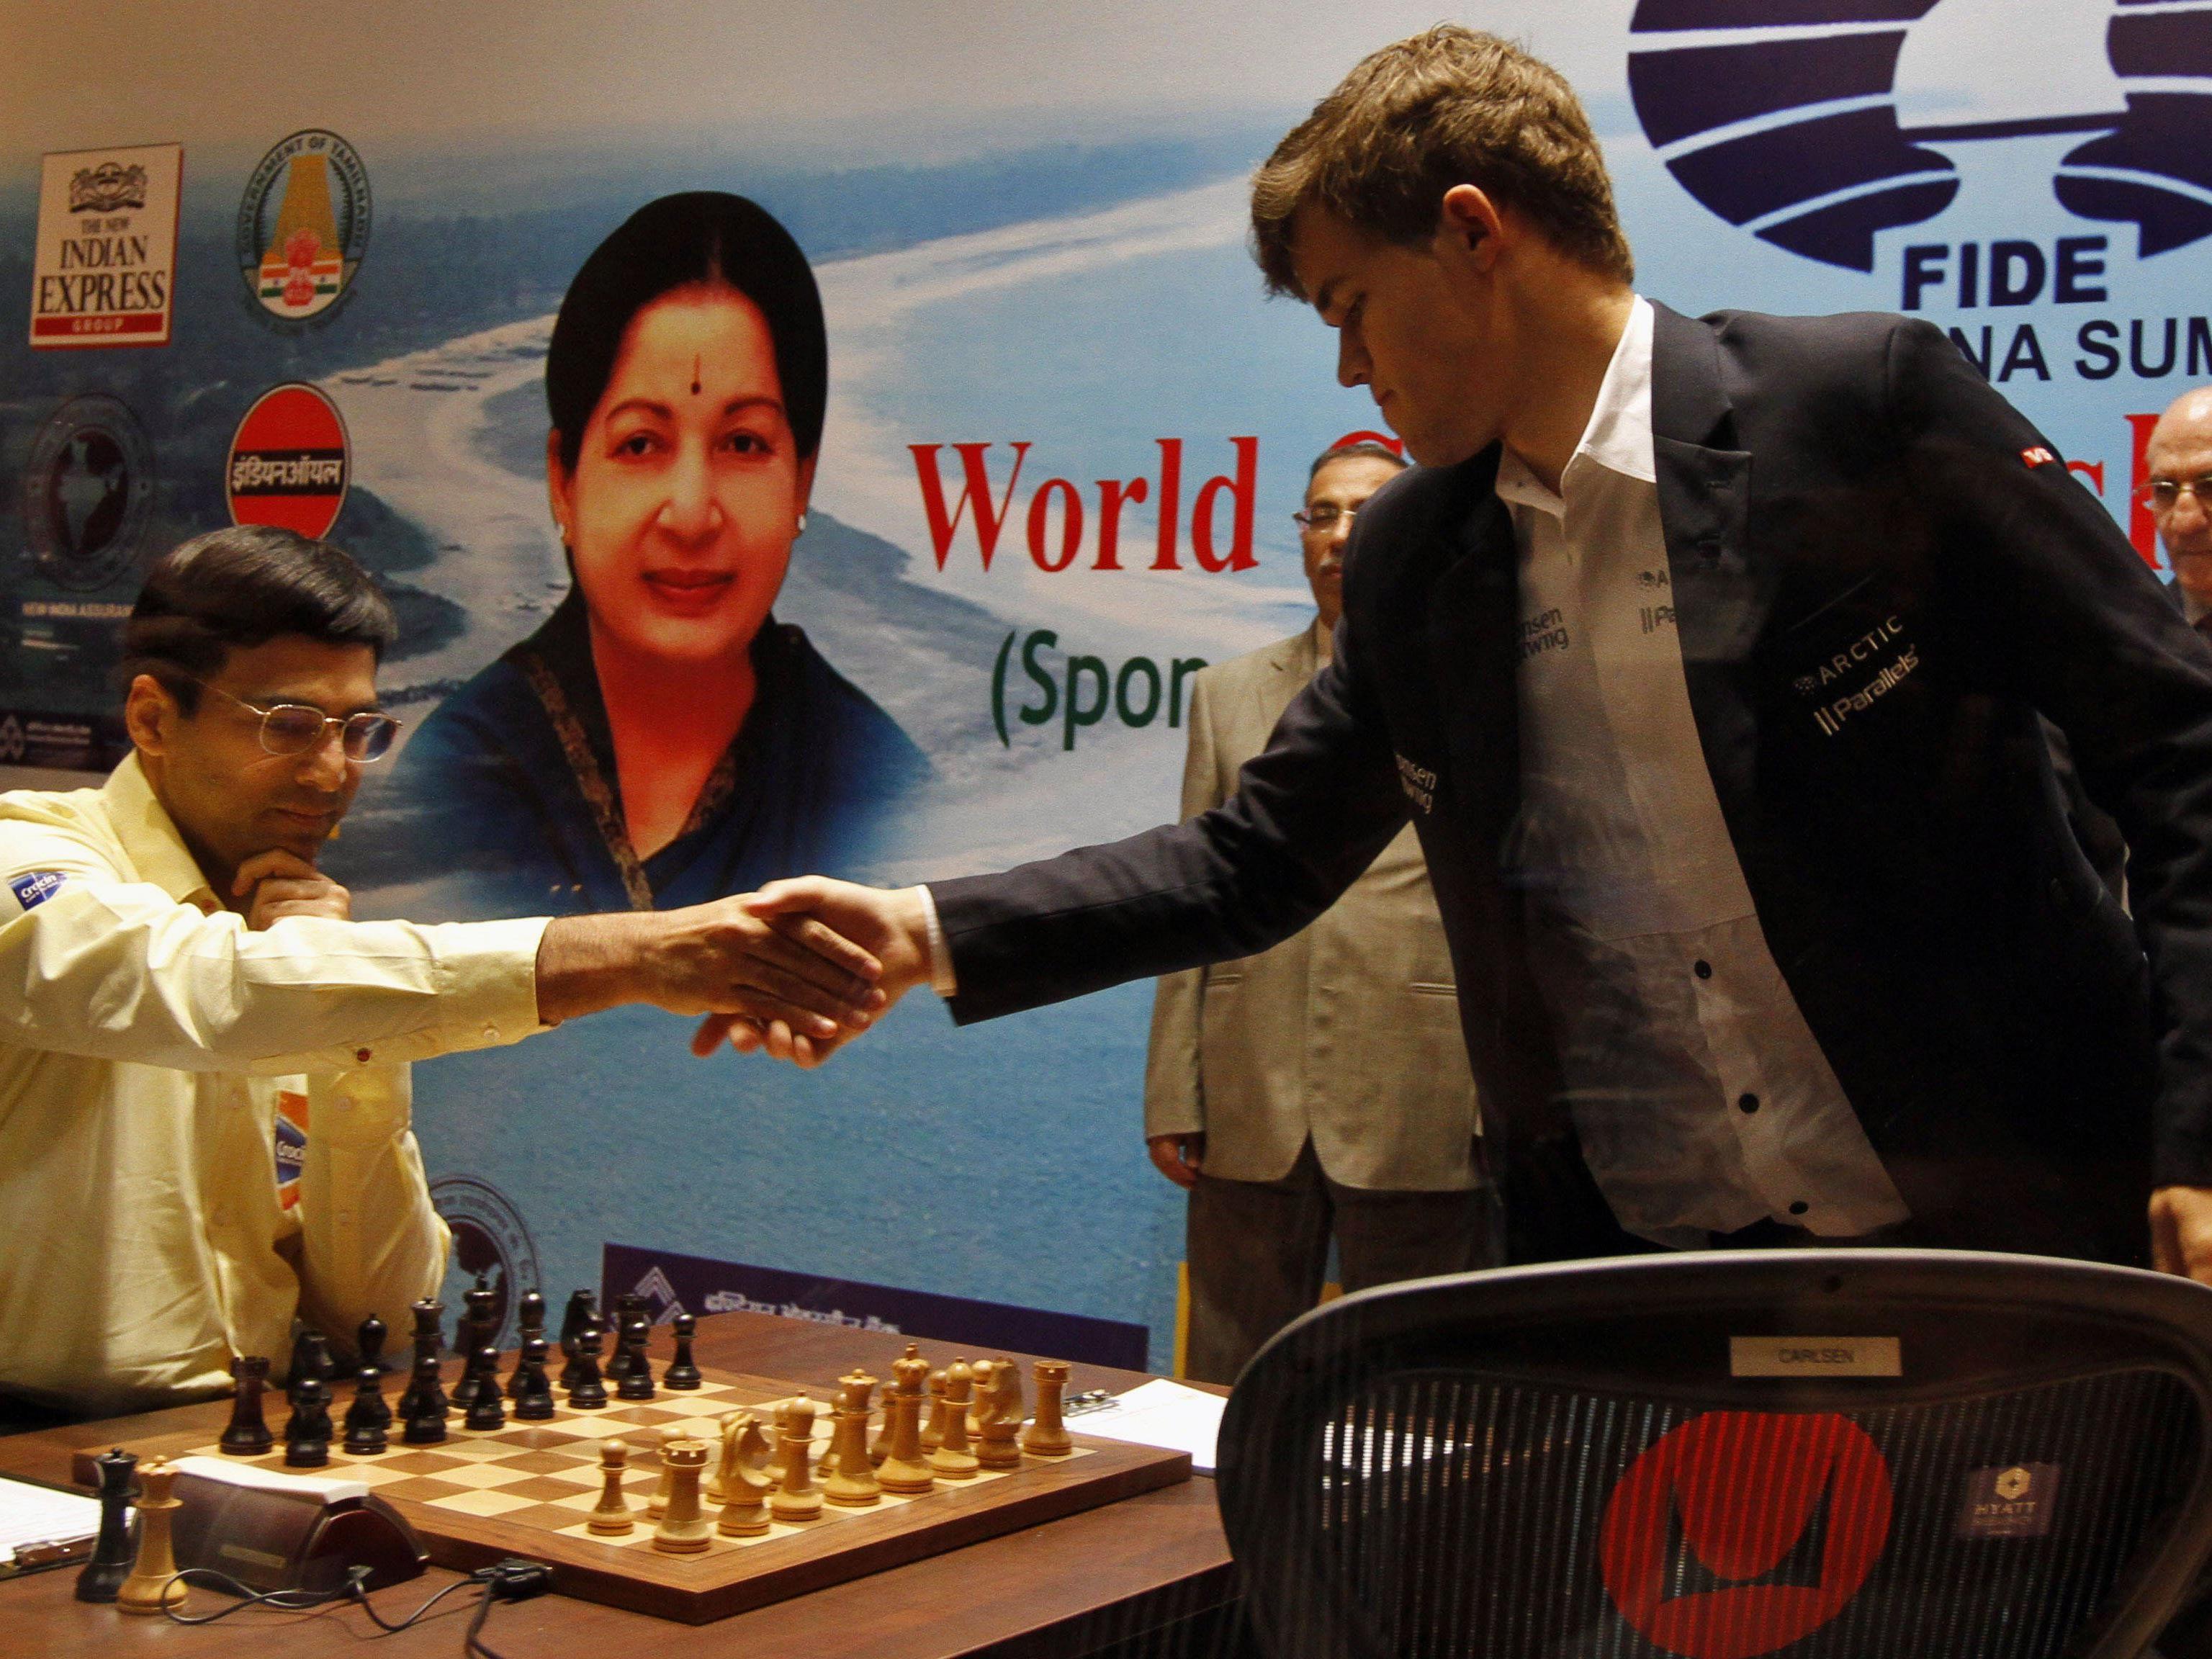 Mozart schlug Tiger: Magnus Carlsen ist neuer Carlsen ist neuer Schach-Weltmeister